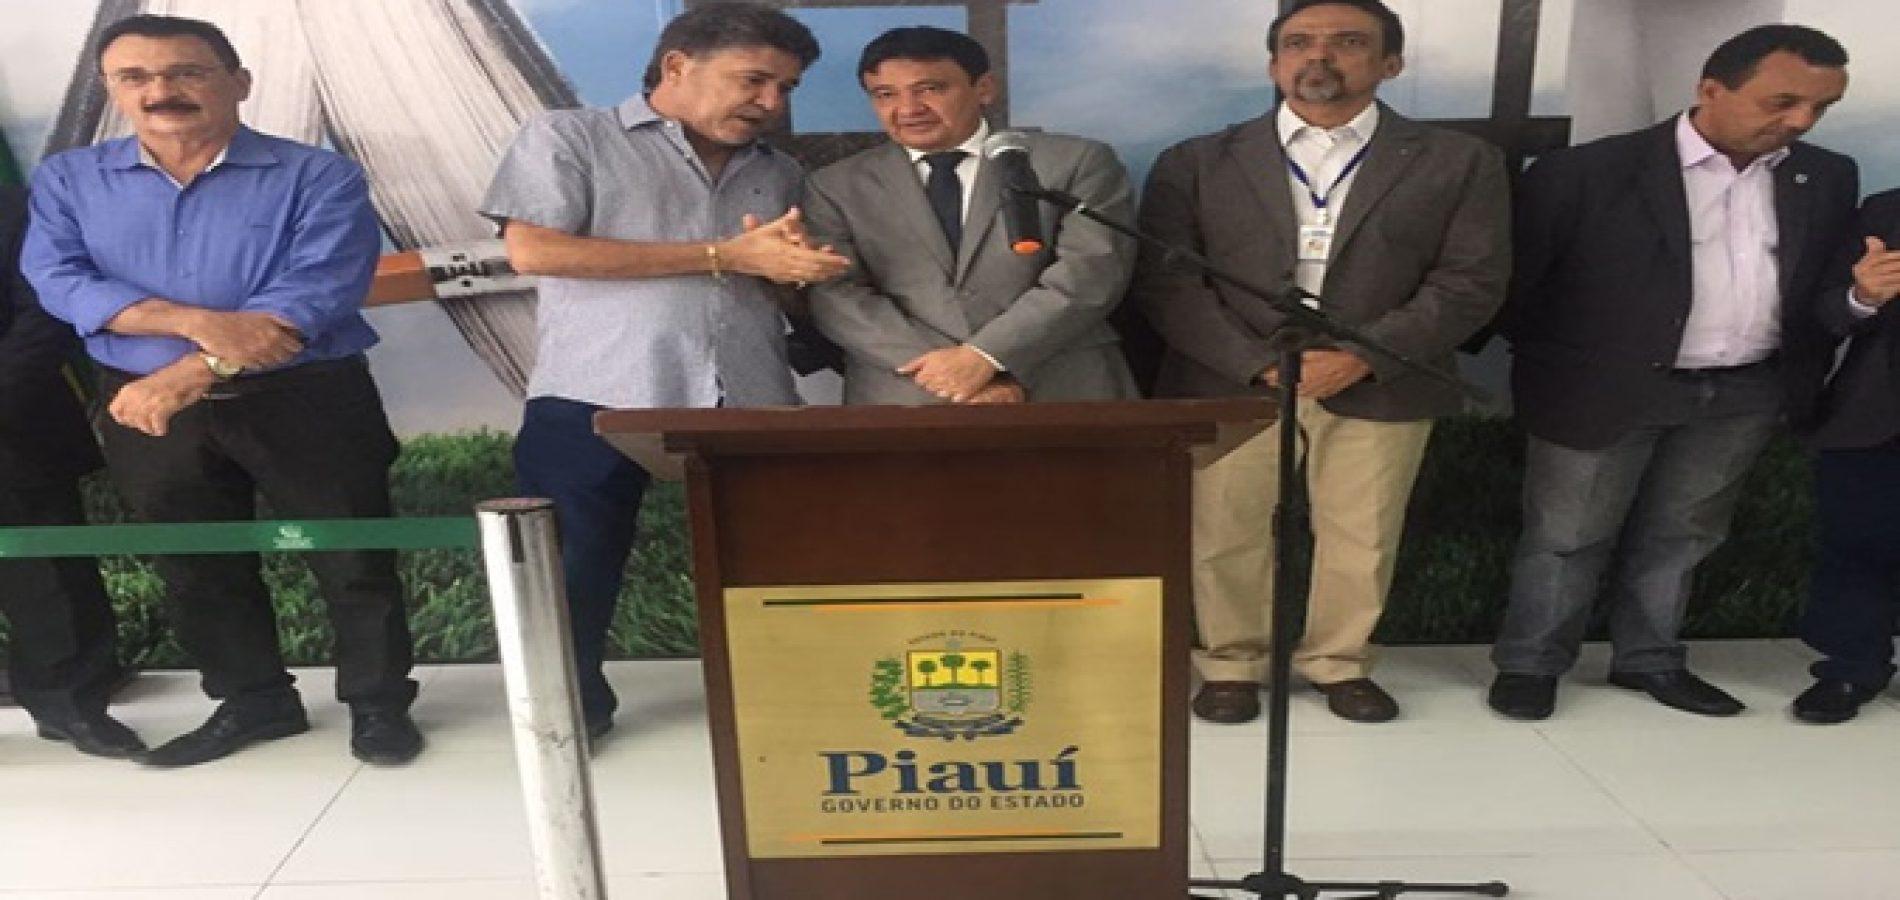 Governador admite reforma administrativa para acomodar PMDB na base